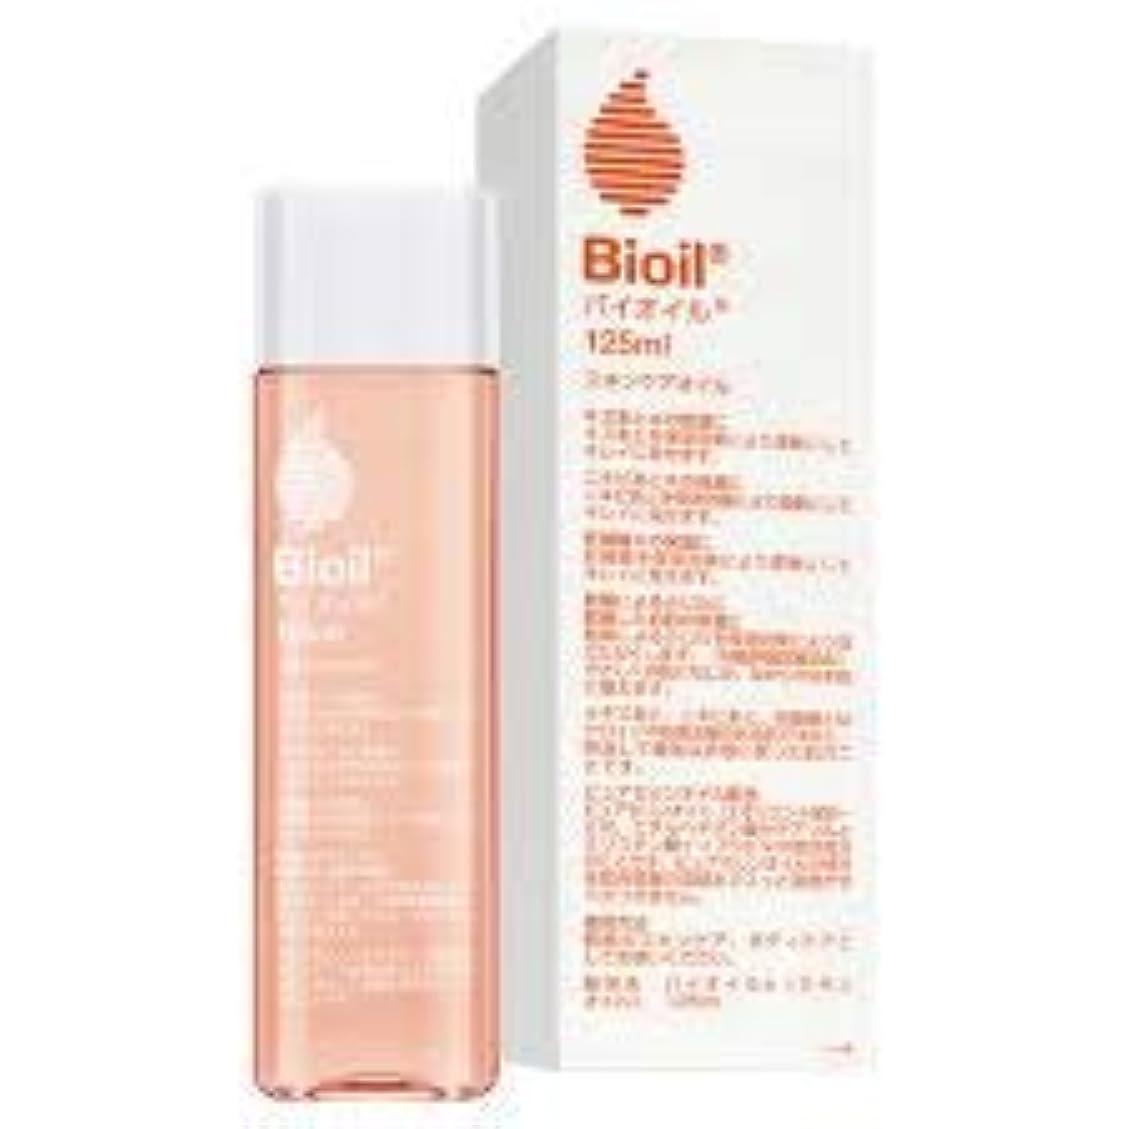 シンプトン団結ヨーグルトバイオイル Bioil 125ml (小林製薬)